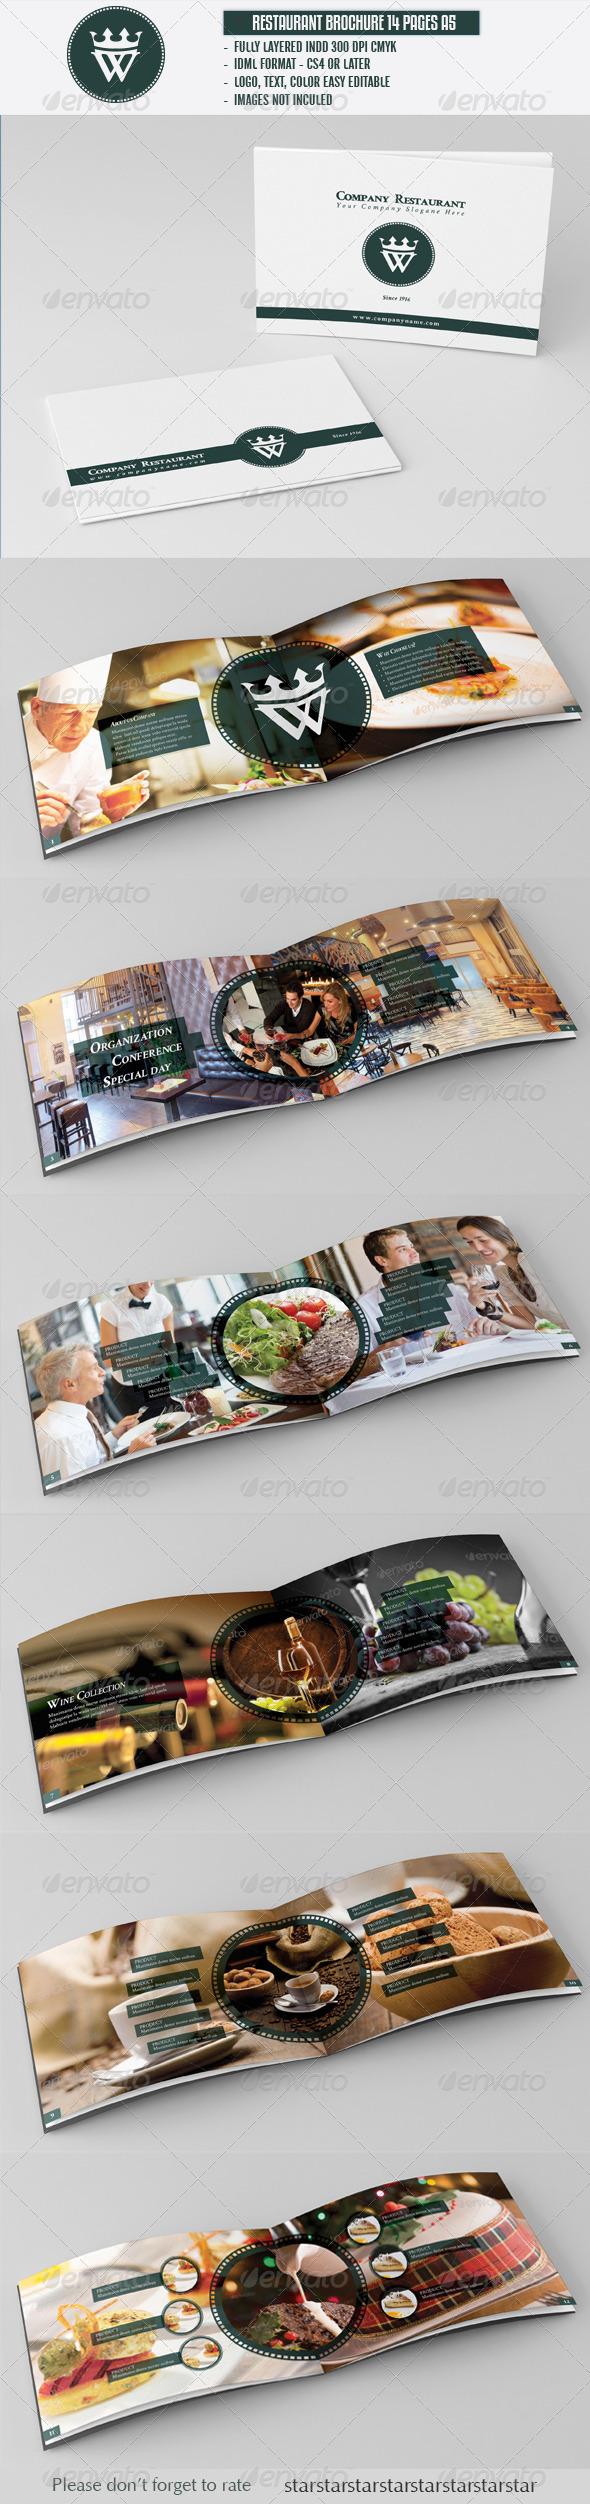 GraphicRiver Restaurant Cafe Brochure A5 3277570